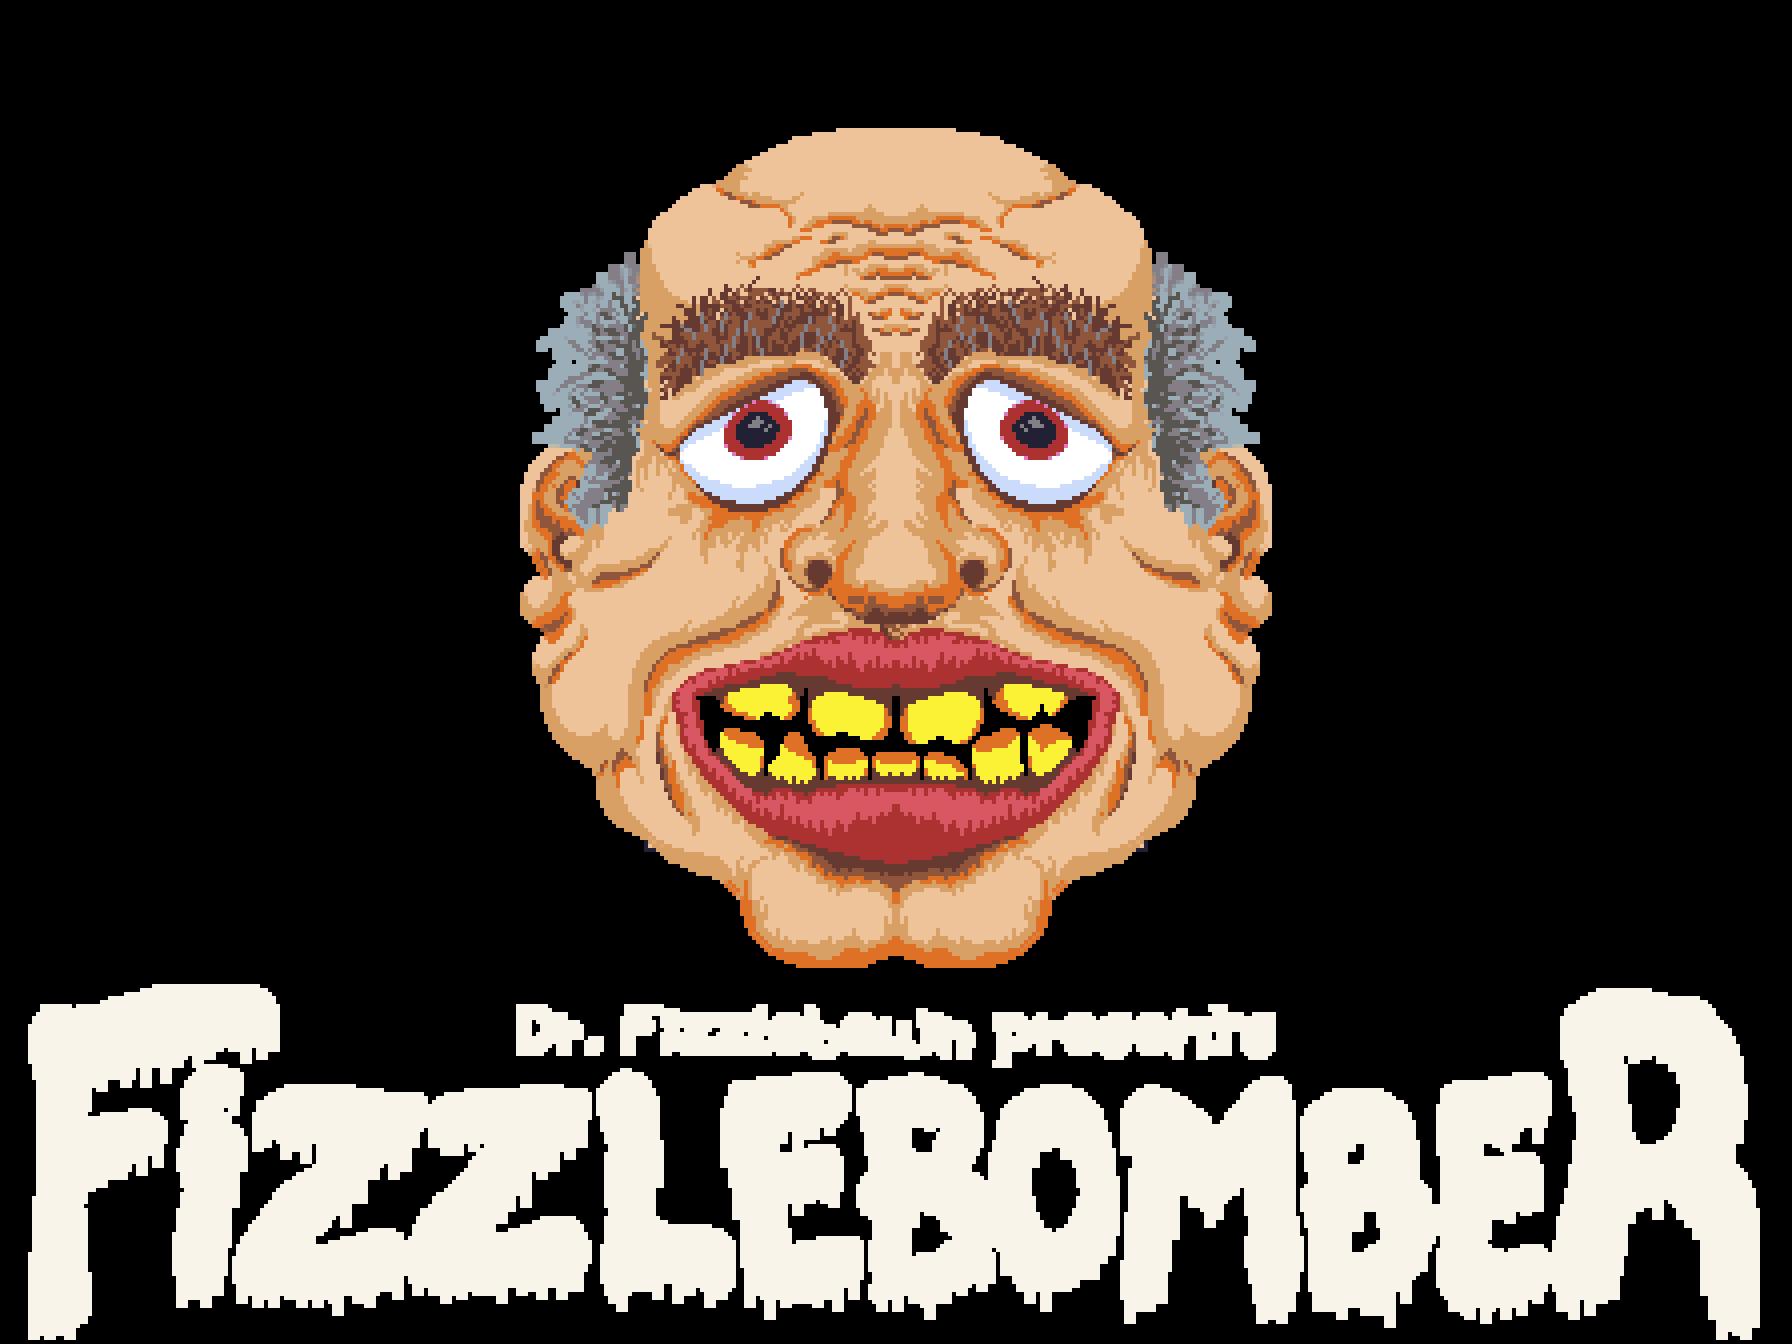 Fizzlebomber